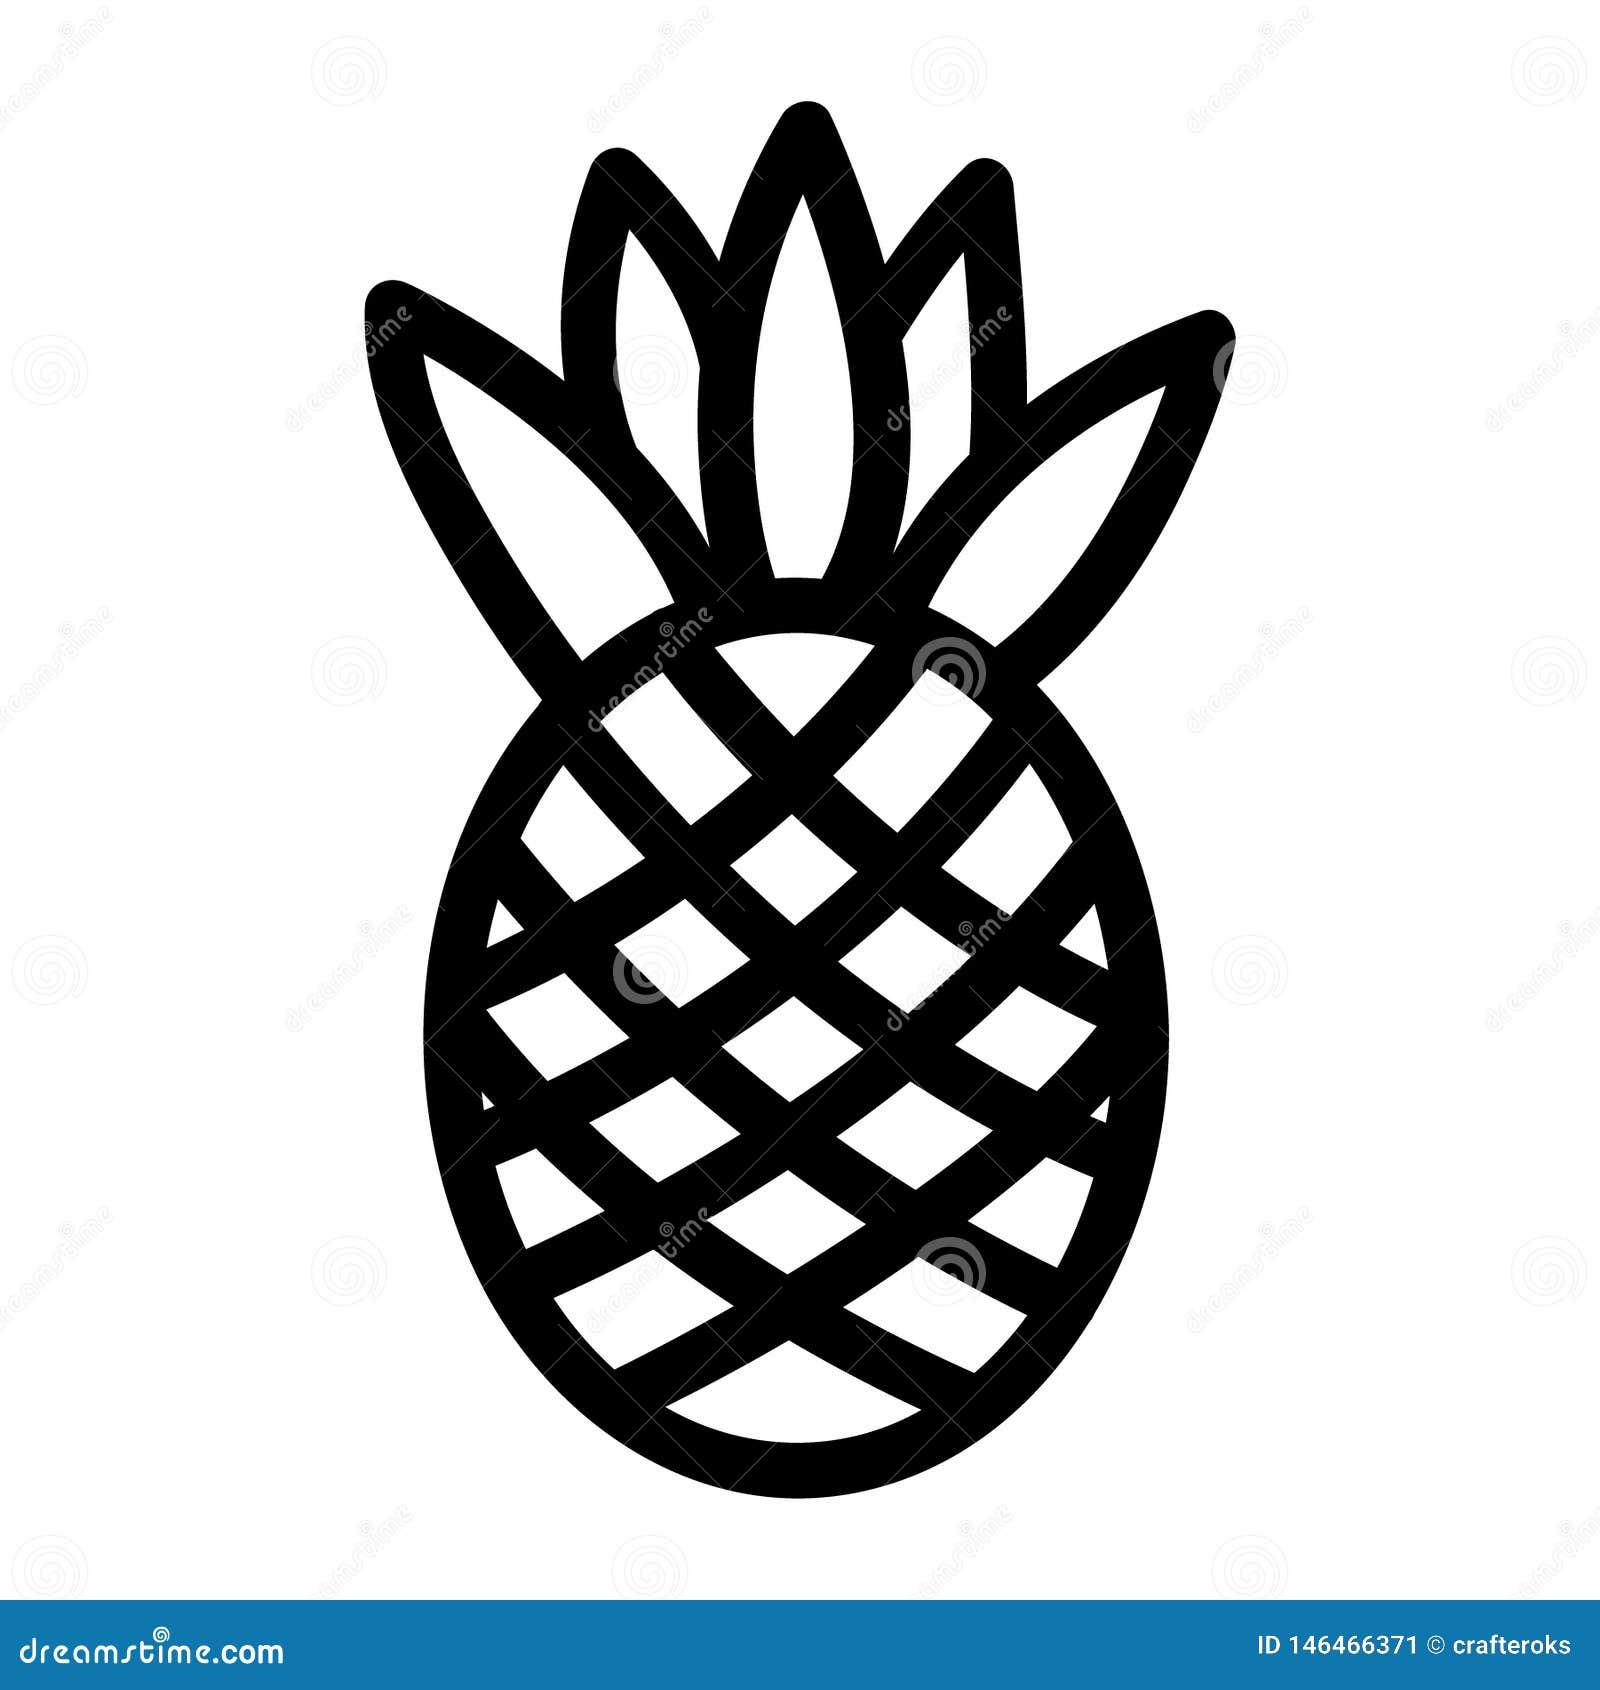 Mano dibujada, vector, EPS, logotipo, icono, crafteroks, ejemplo del vector EPS de la piña de la silueta para diversas aplicacion